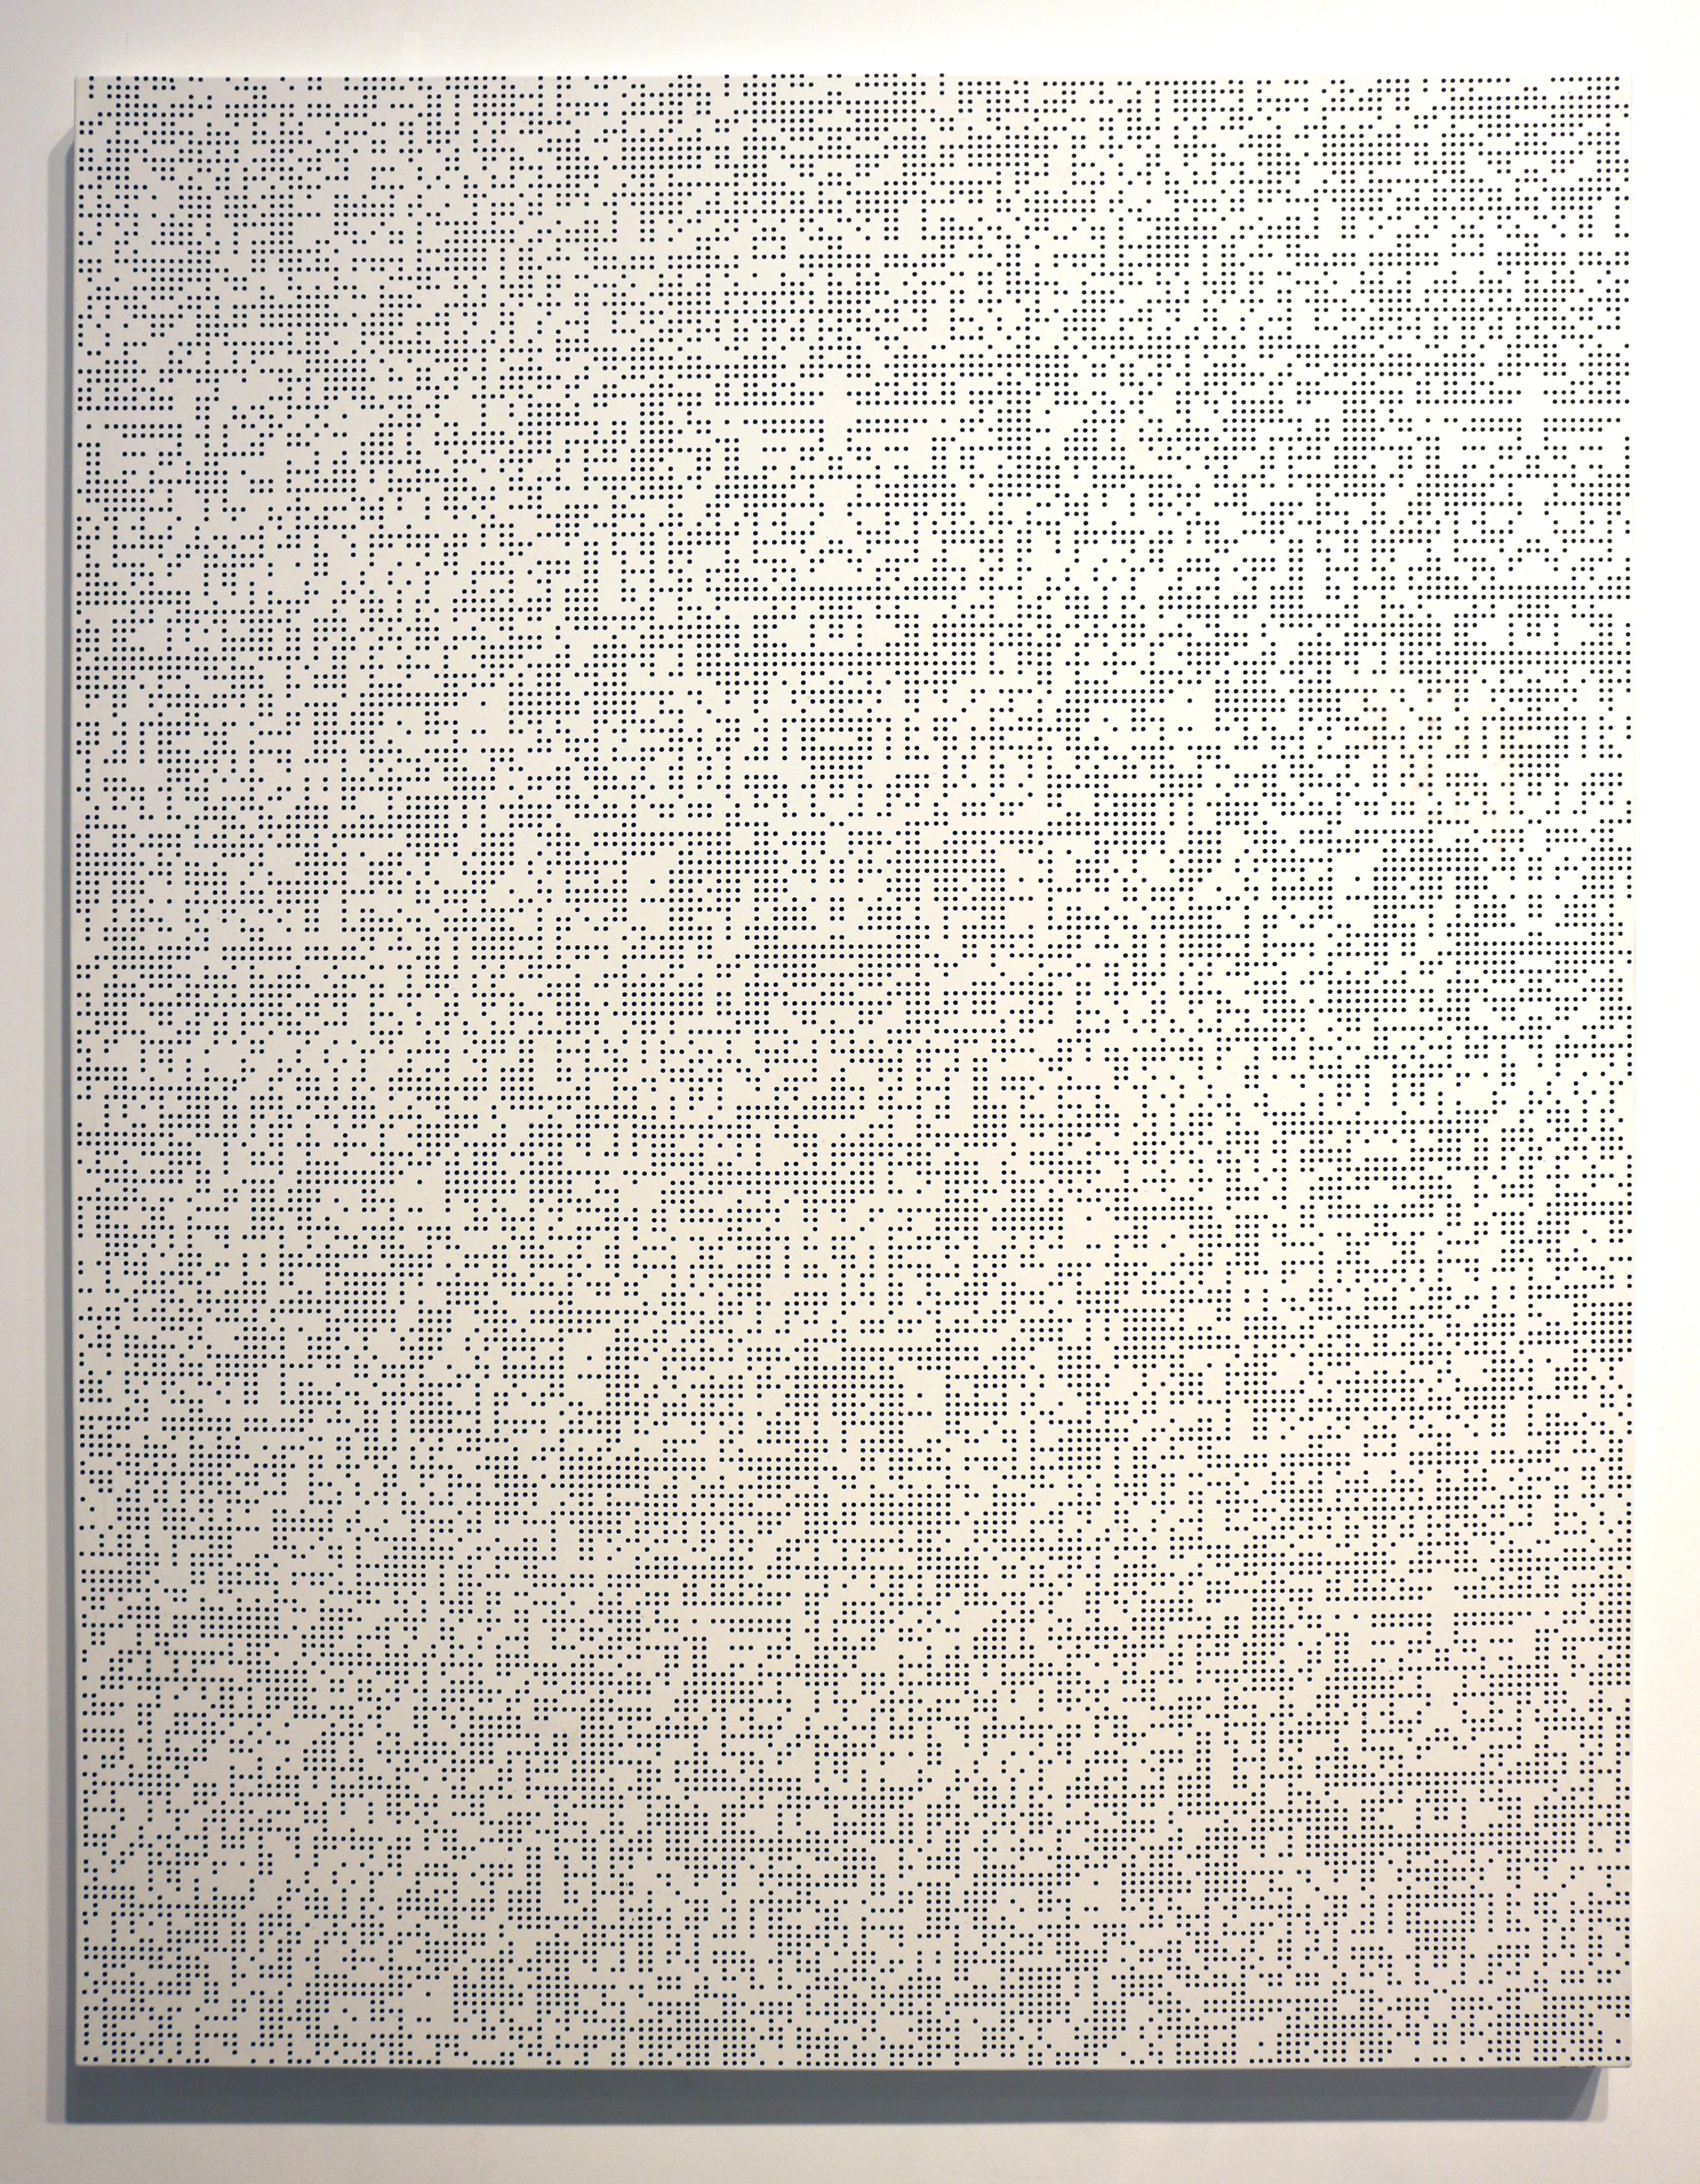 J. PARK_2016 Maze-201651230_Acrylic on canvas_116.8x91cm